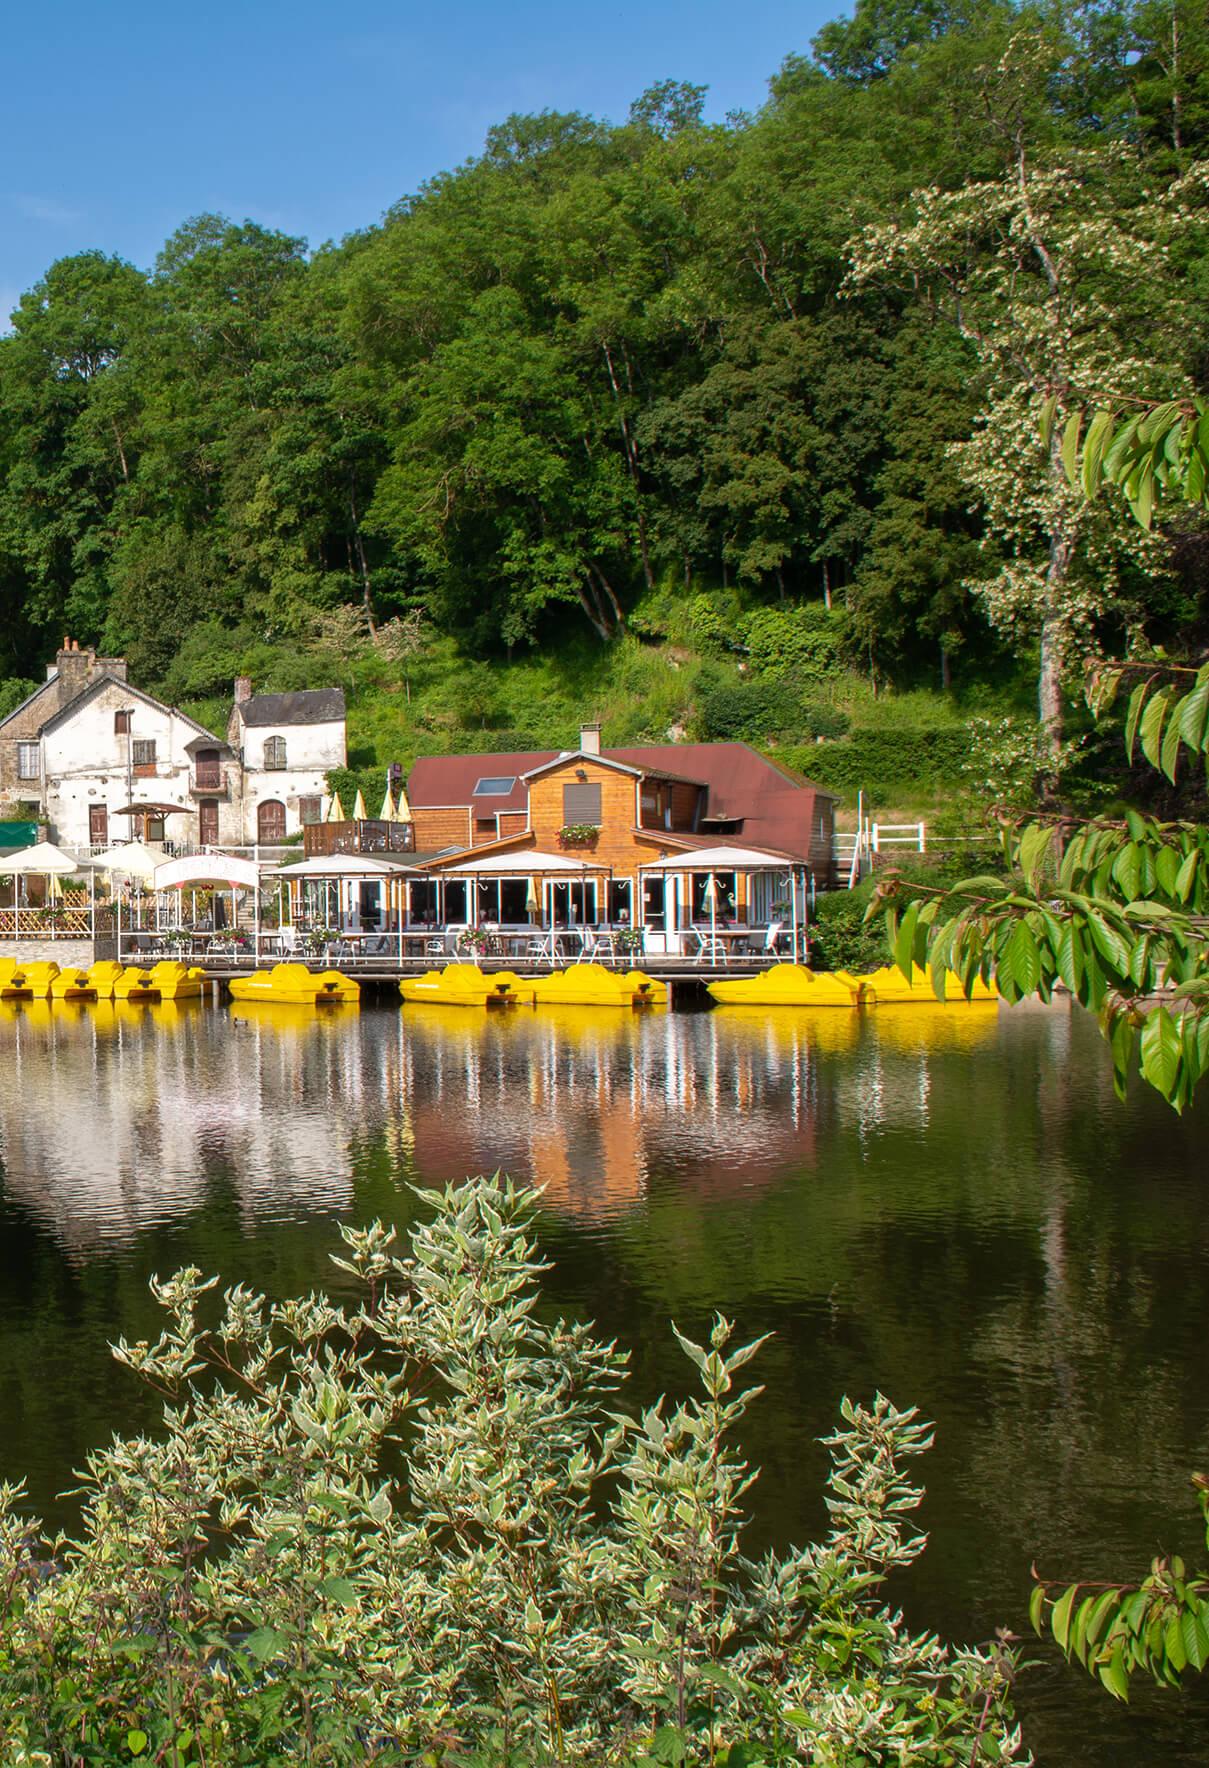 Louer un camping de haute qualité en Normandie